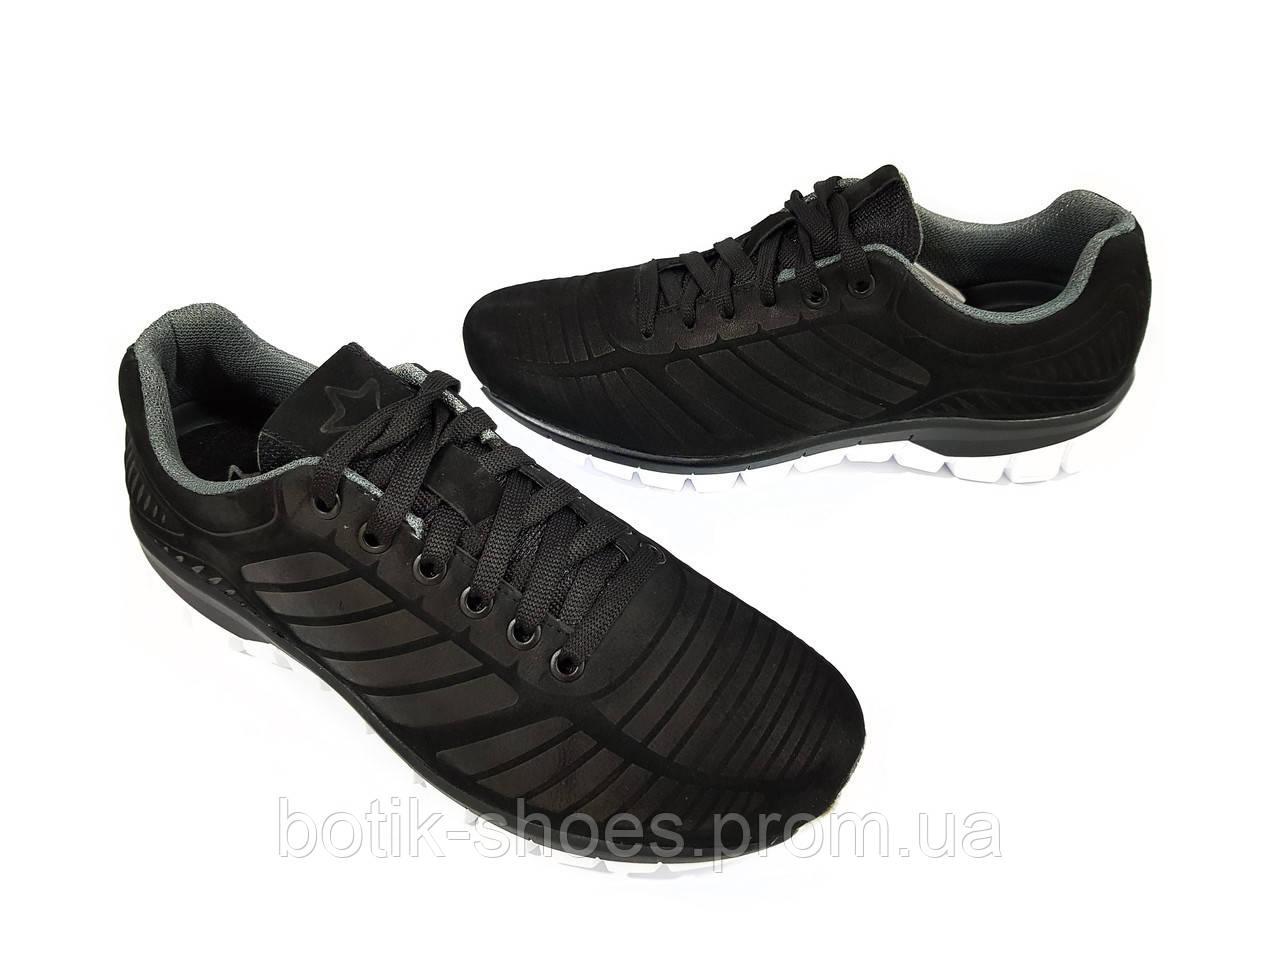 Кросівки Чоловічі Шкіряні Демісезонні Чорні 45 Розмір Мида 110936 ... 84c2f915316ba